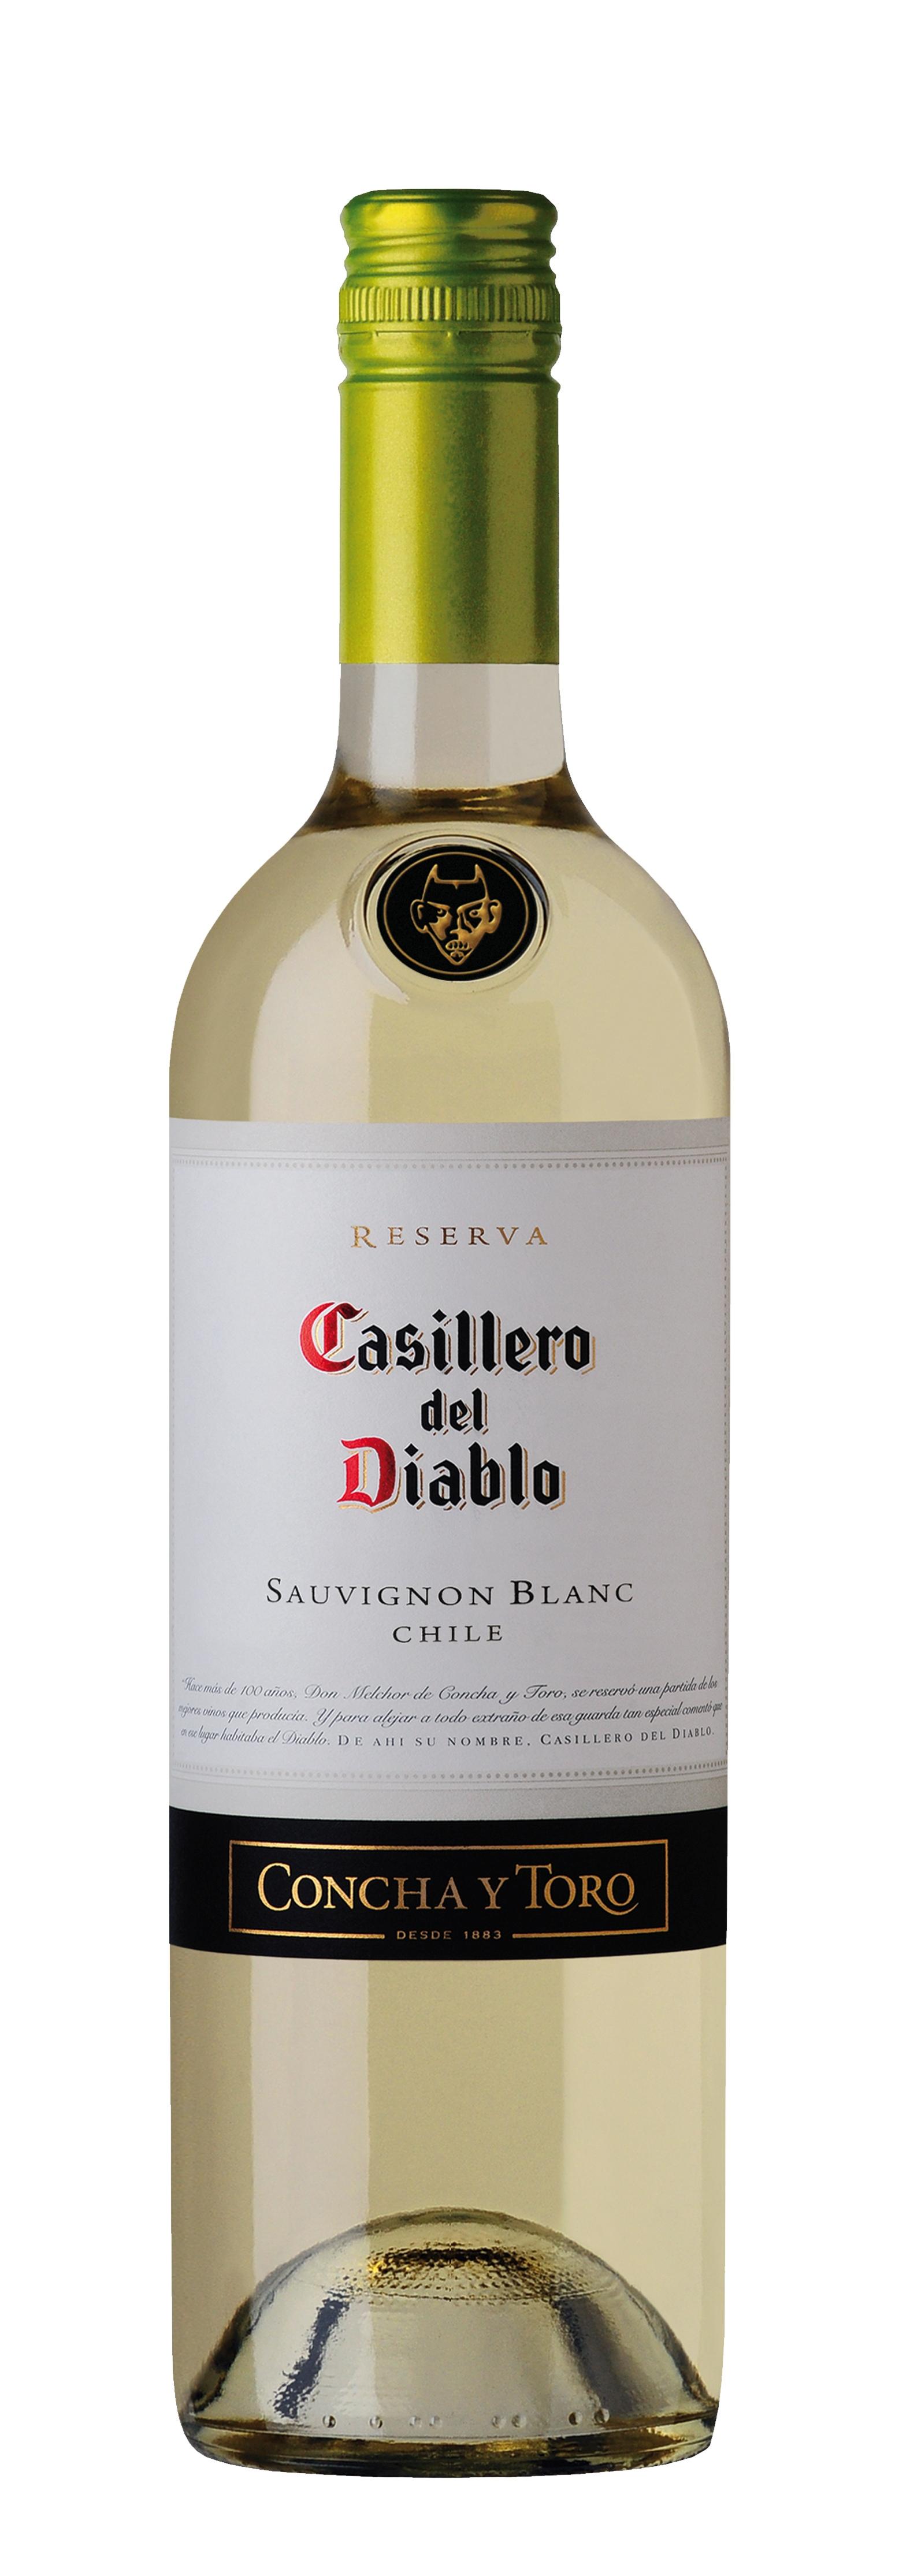 Concha y Toro, Casillero del Diablo, Sauvignon Blanc, Valle Central, DO, trocken, weiß